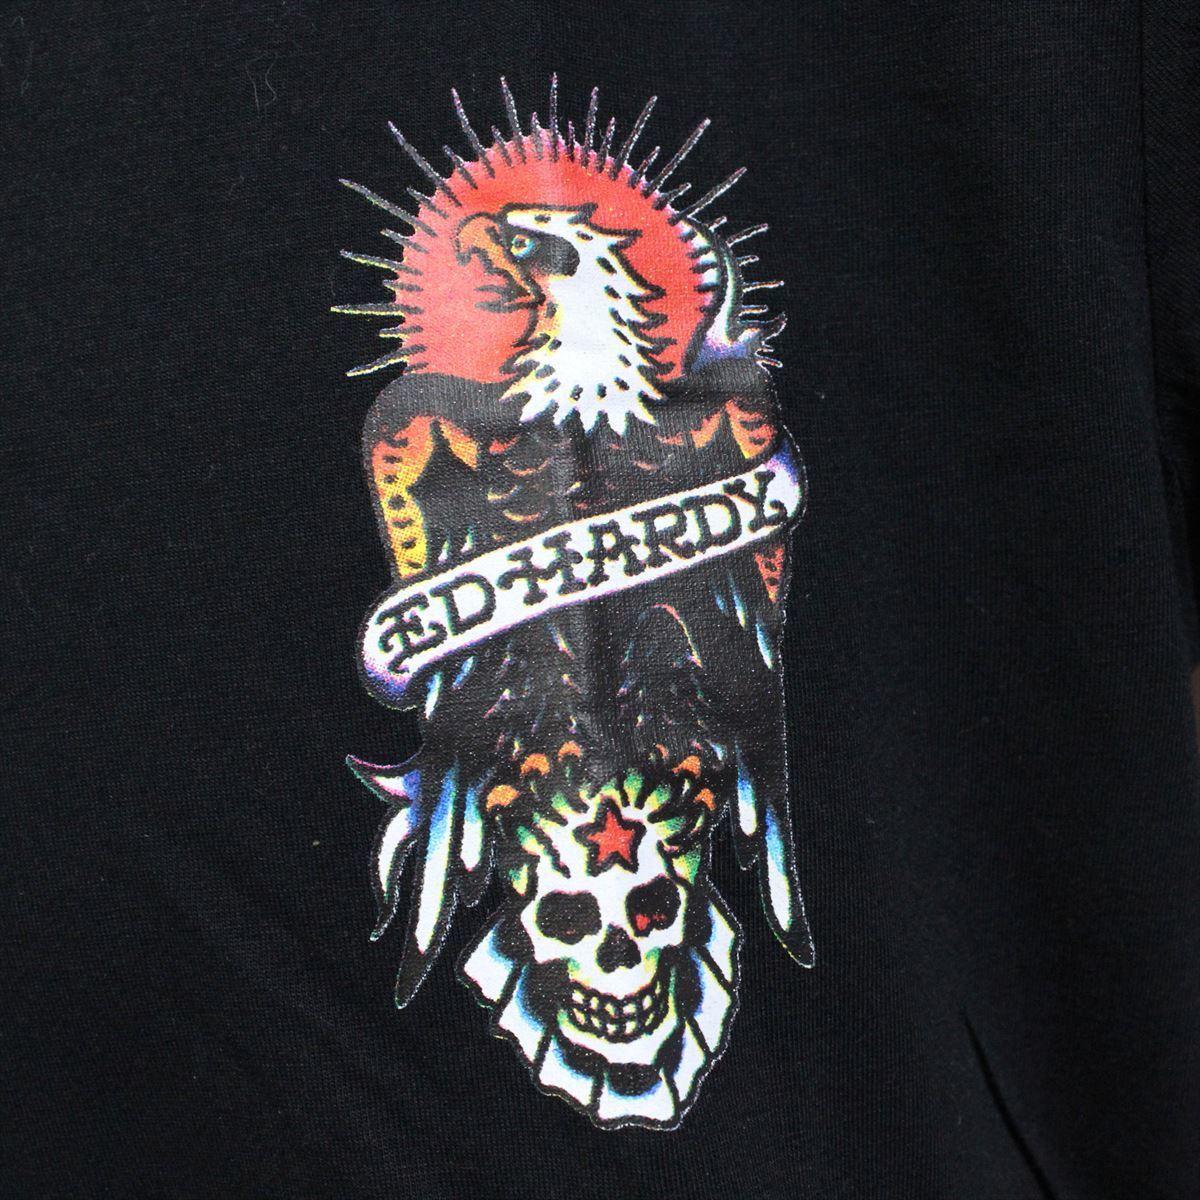 エドハーディー ED HARDY メンズ半袖Tシャツ M02CMV028 ブラック Lサイズ 新品 ドン・エド・ハーディー_画像3